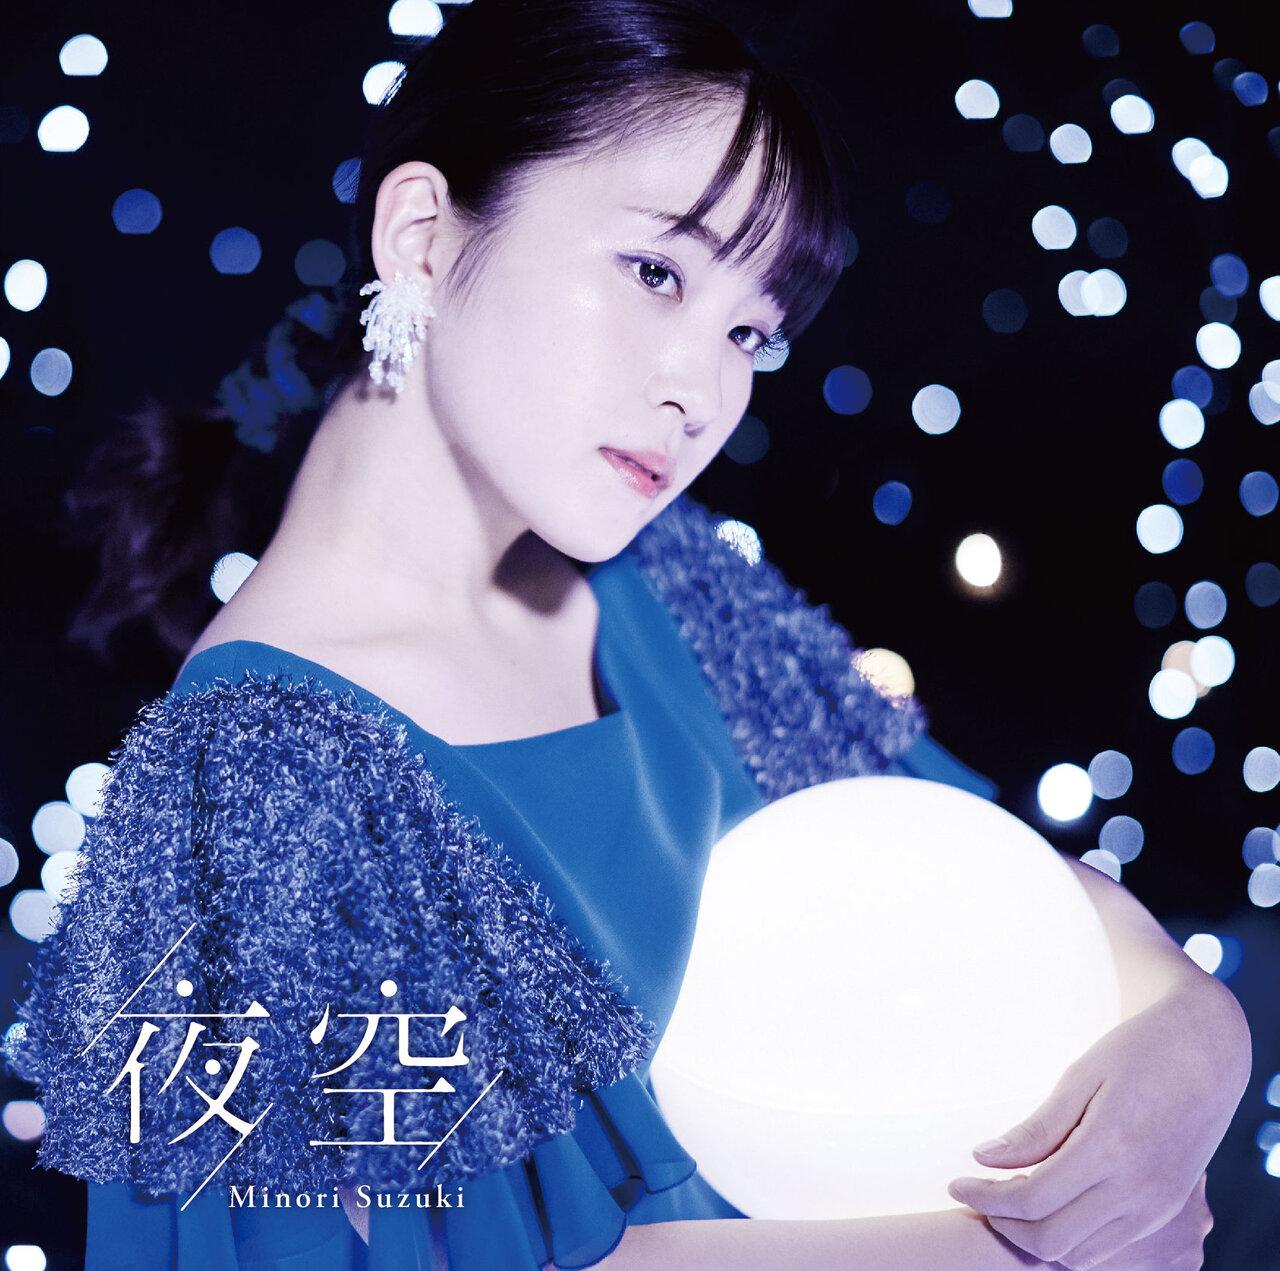 TVアニメ「恋する小惑星(アステロイド)」エンディングテーマ 「夜空」 (初回限定盤A)/鈴木みのり